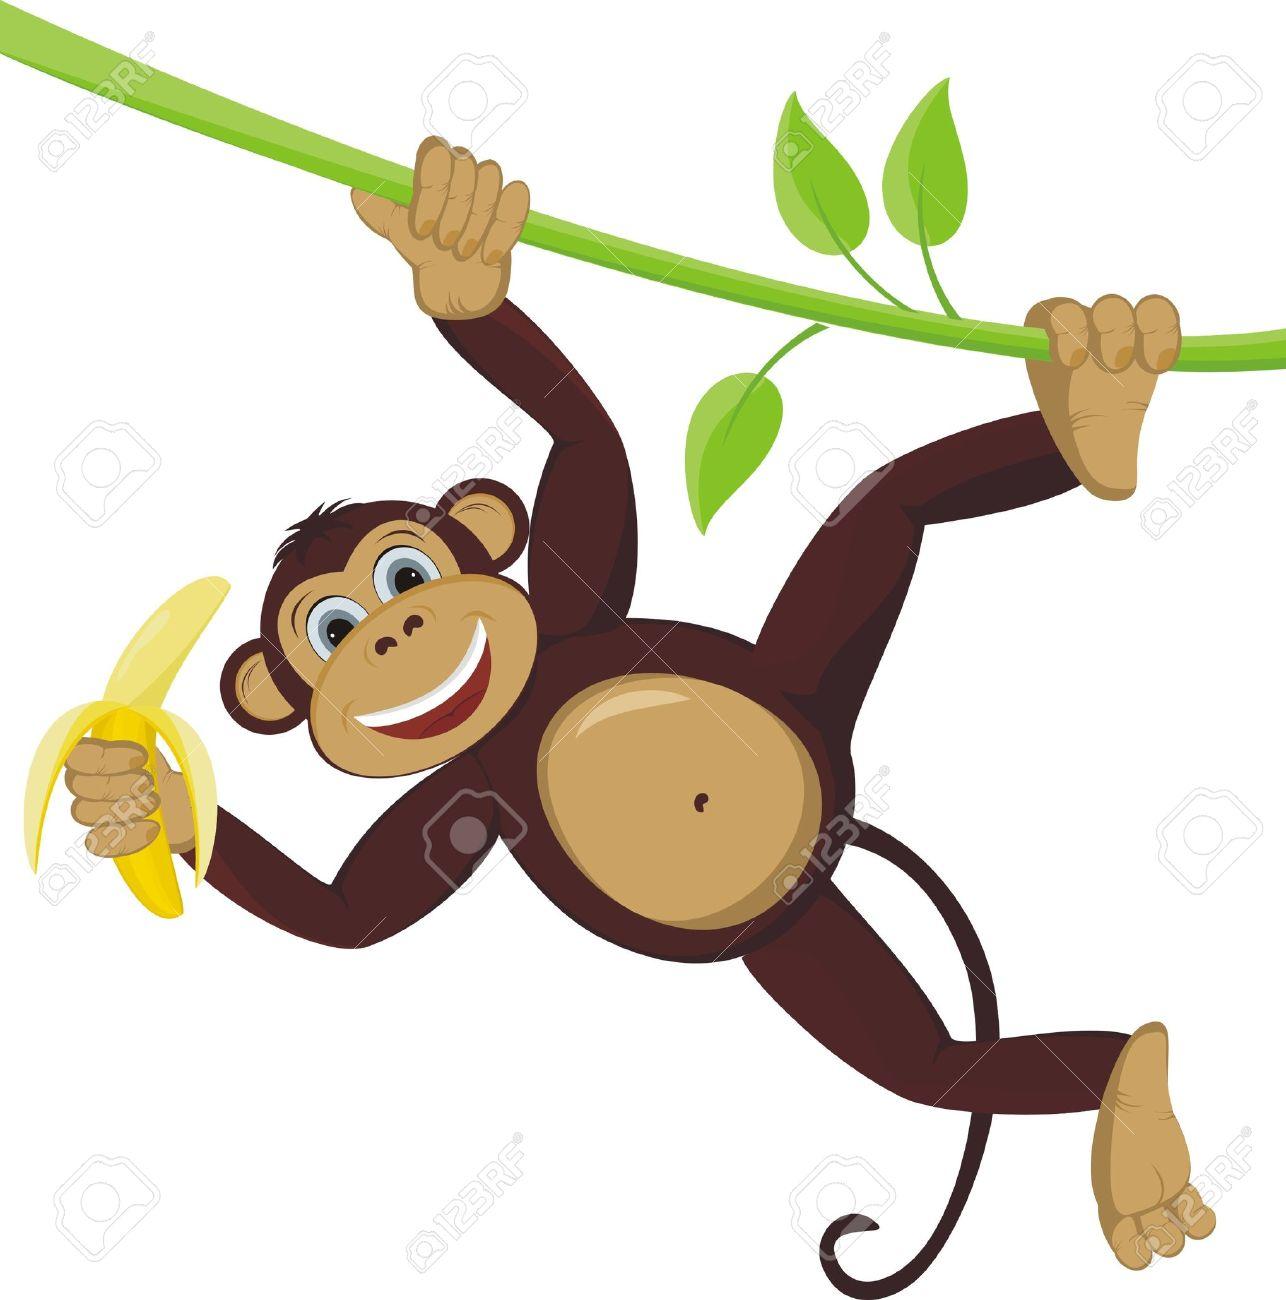 Monkey On Liana With Banana Royalty Free Cliparts, Vectors, And.